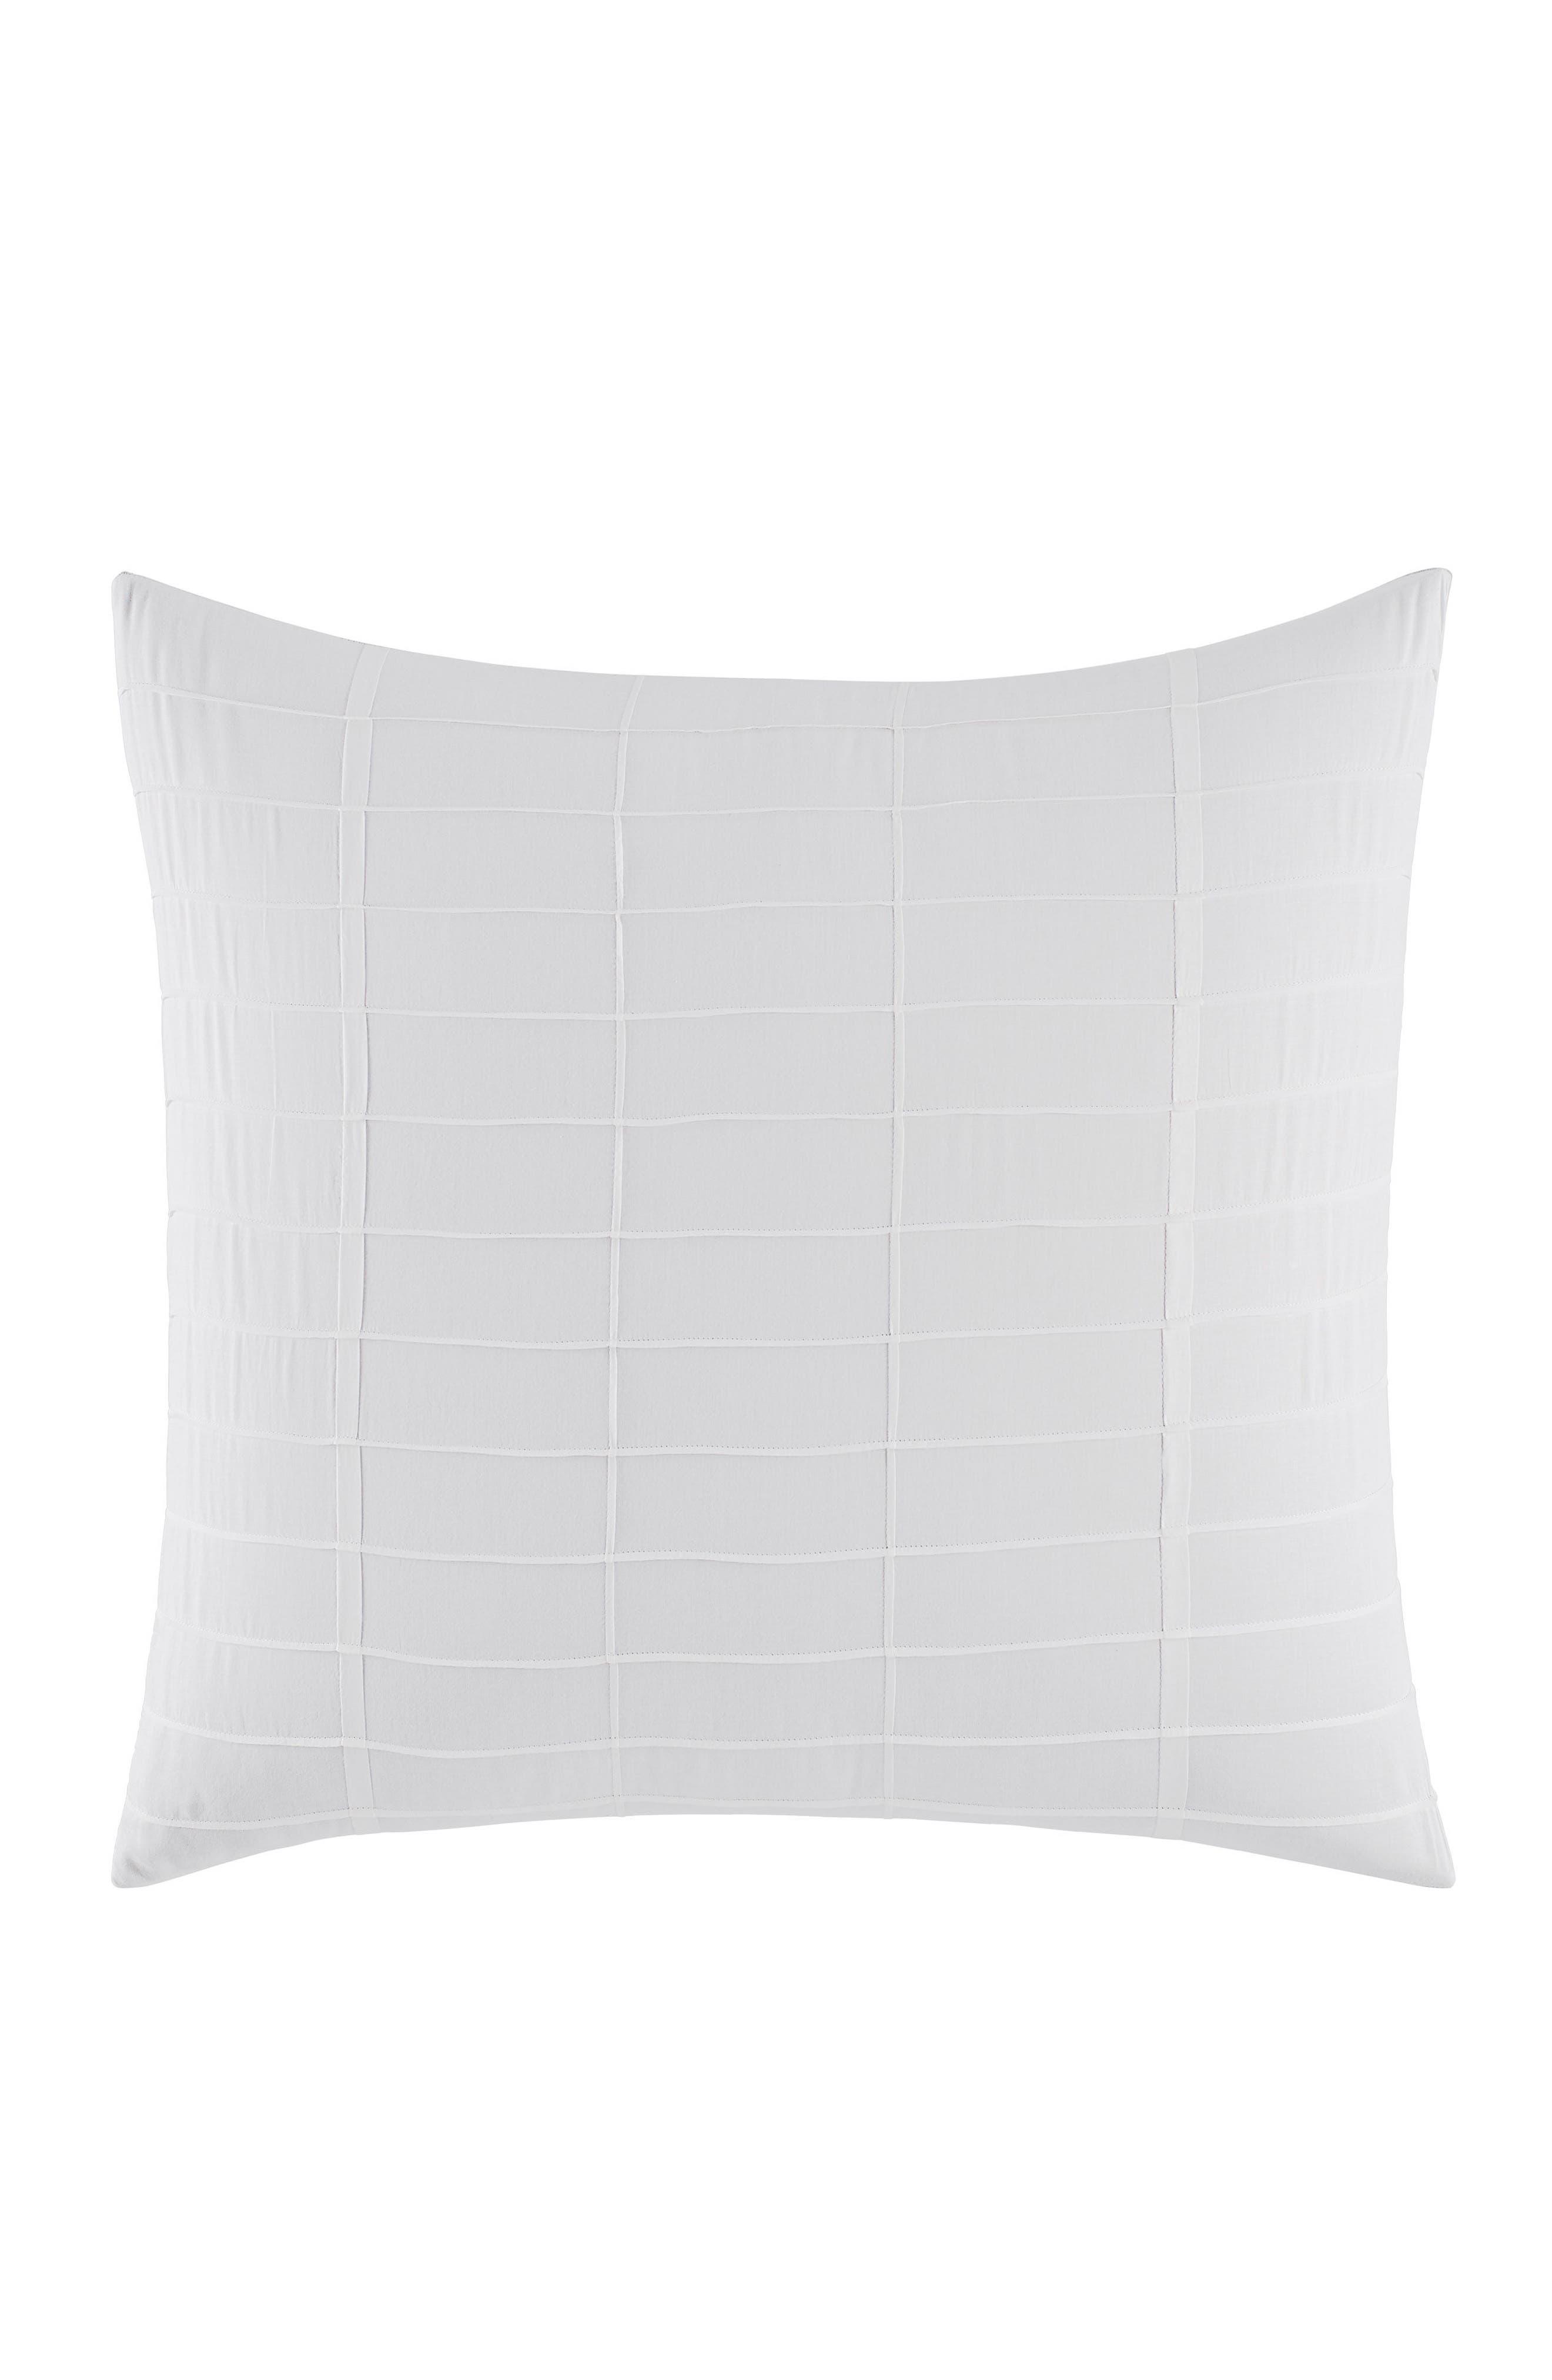 Mirrored Square Euro Sham,                         Main,                         color, WHITE